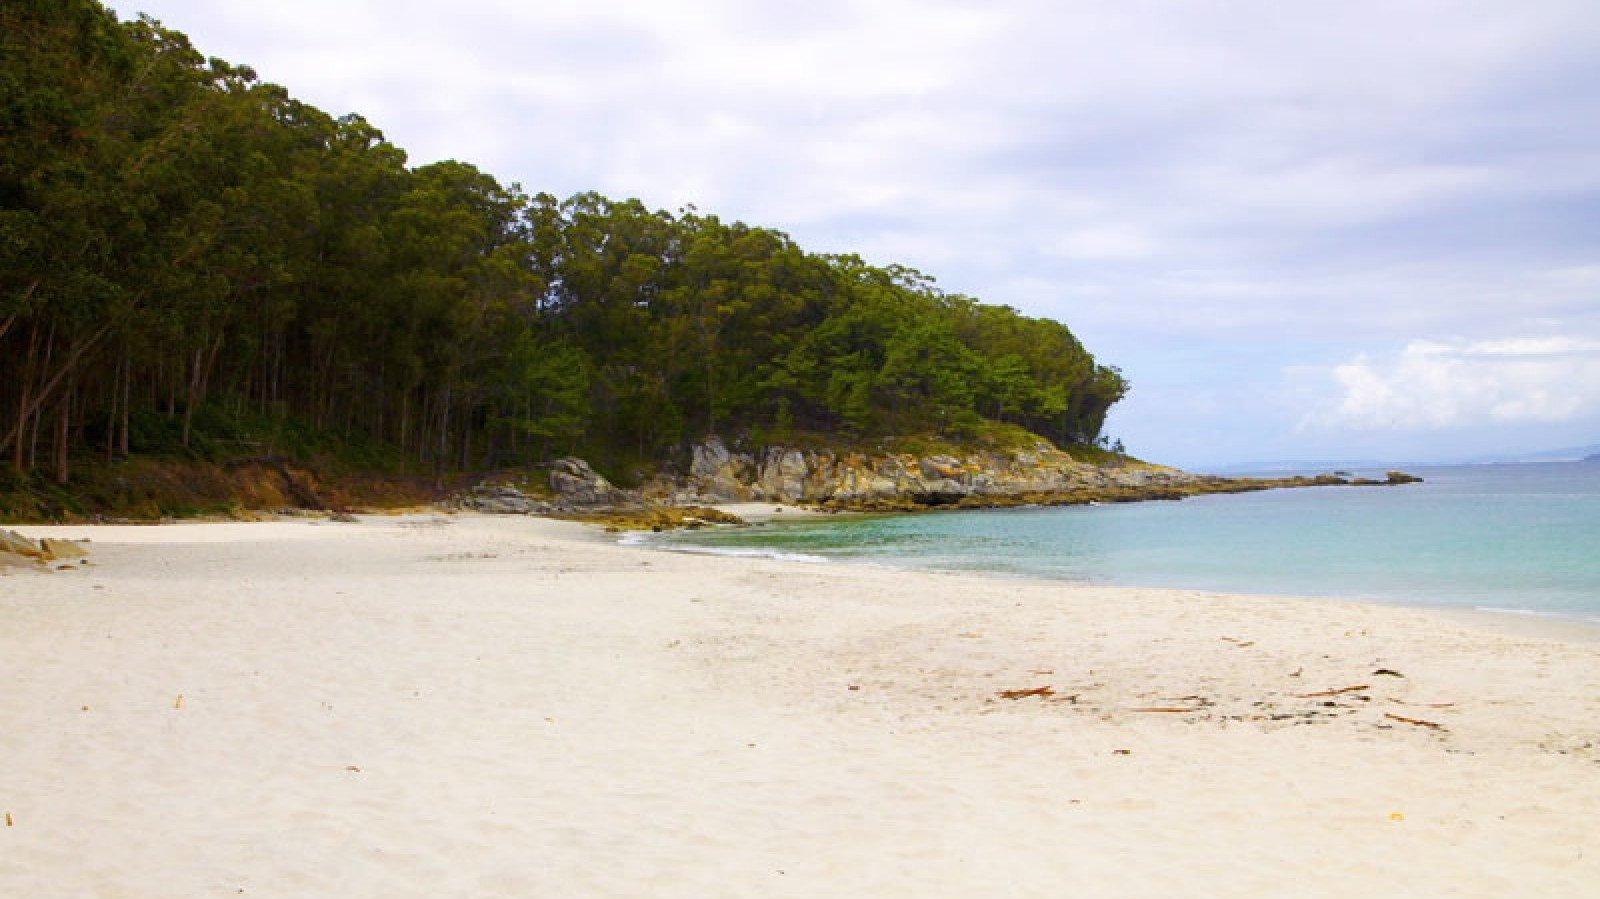 En las Islas Cíes se encuentra este espacio naturista.